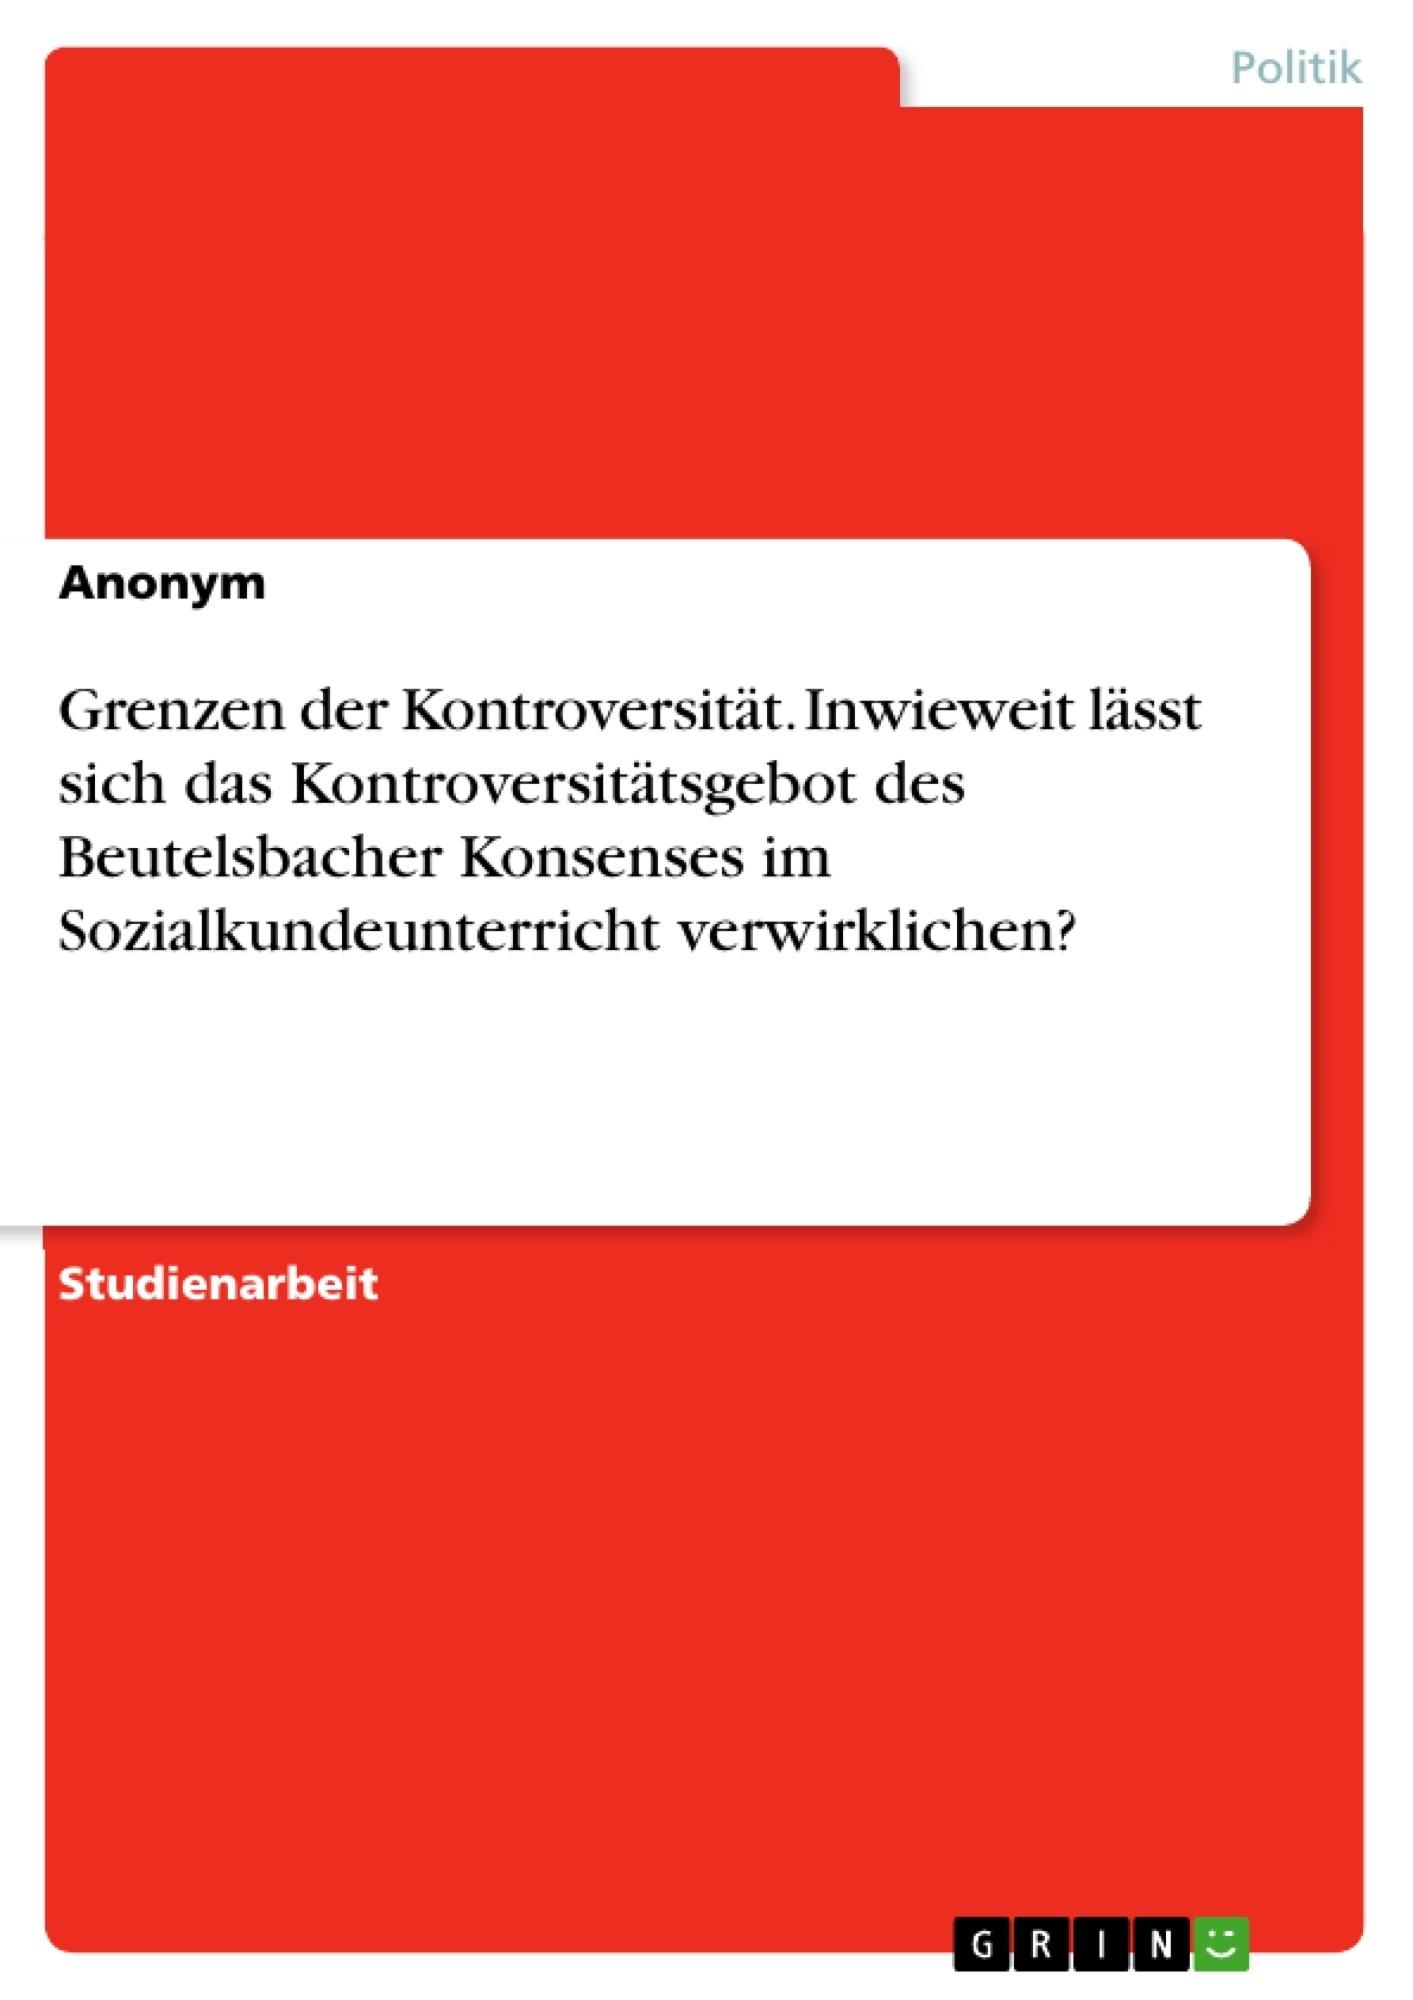 Titel: Grenzen der Kontroversität. Inwieweit lässt sich das Kontroversitätsgebot des Beutelsbacher Konsenses im Sozialkundeunterricht verwirklichen?